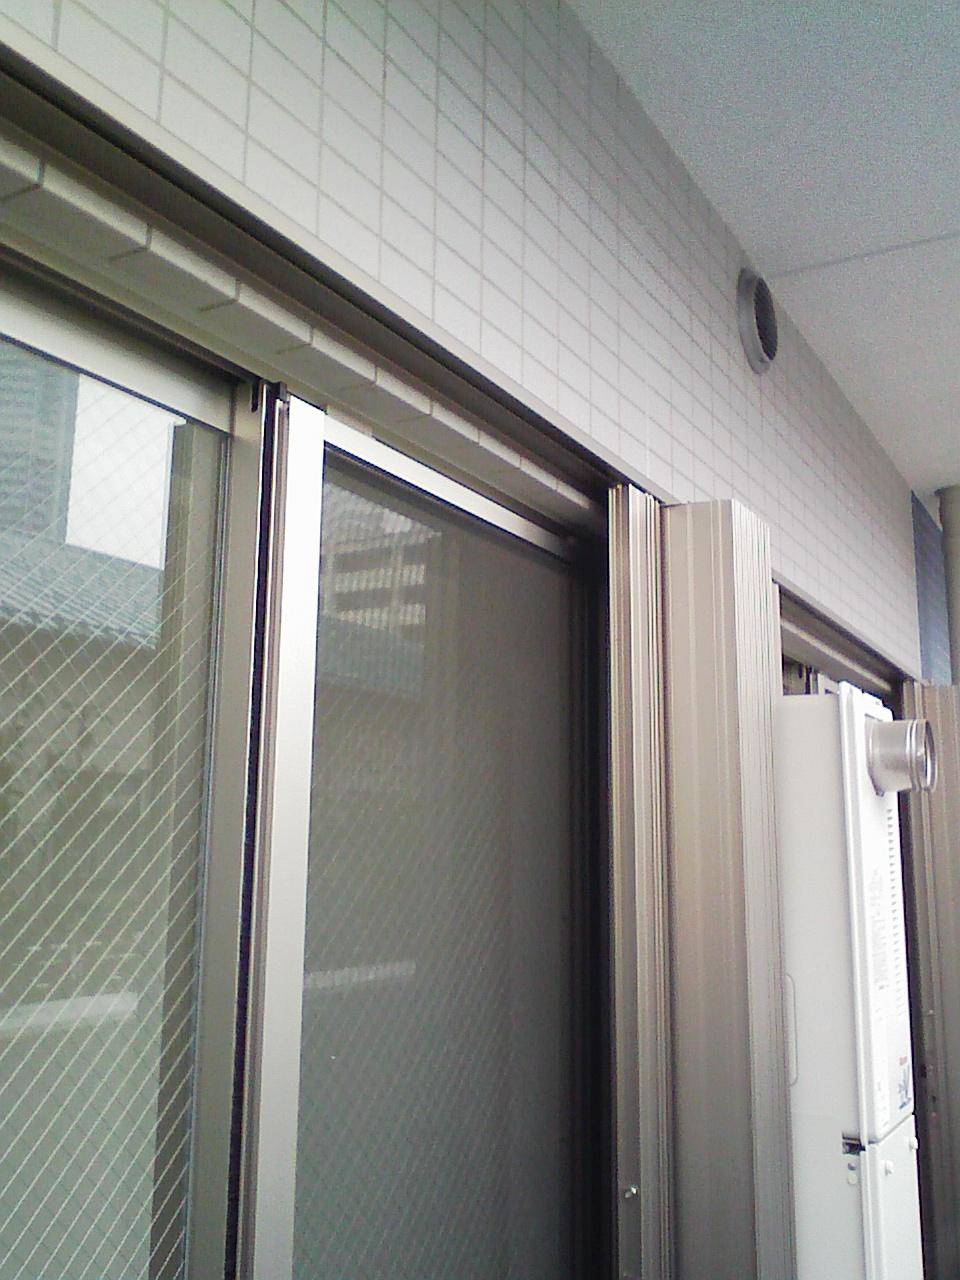 ベランダ窓に後付けシャッター全開